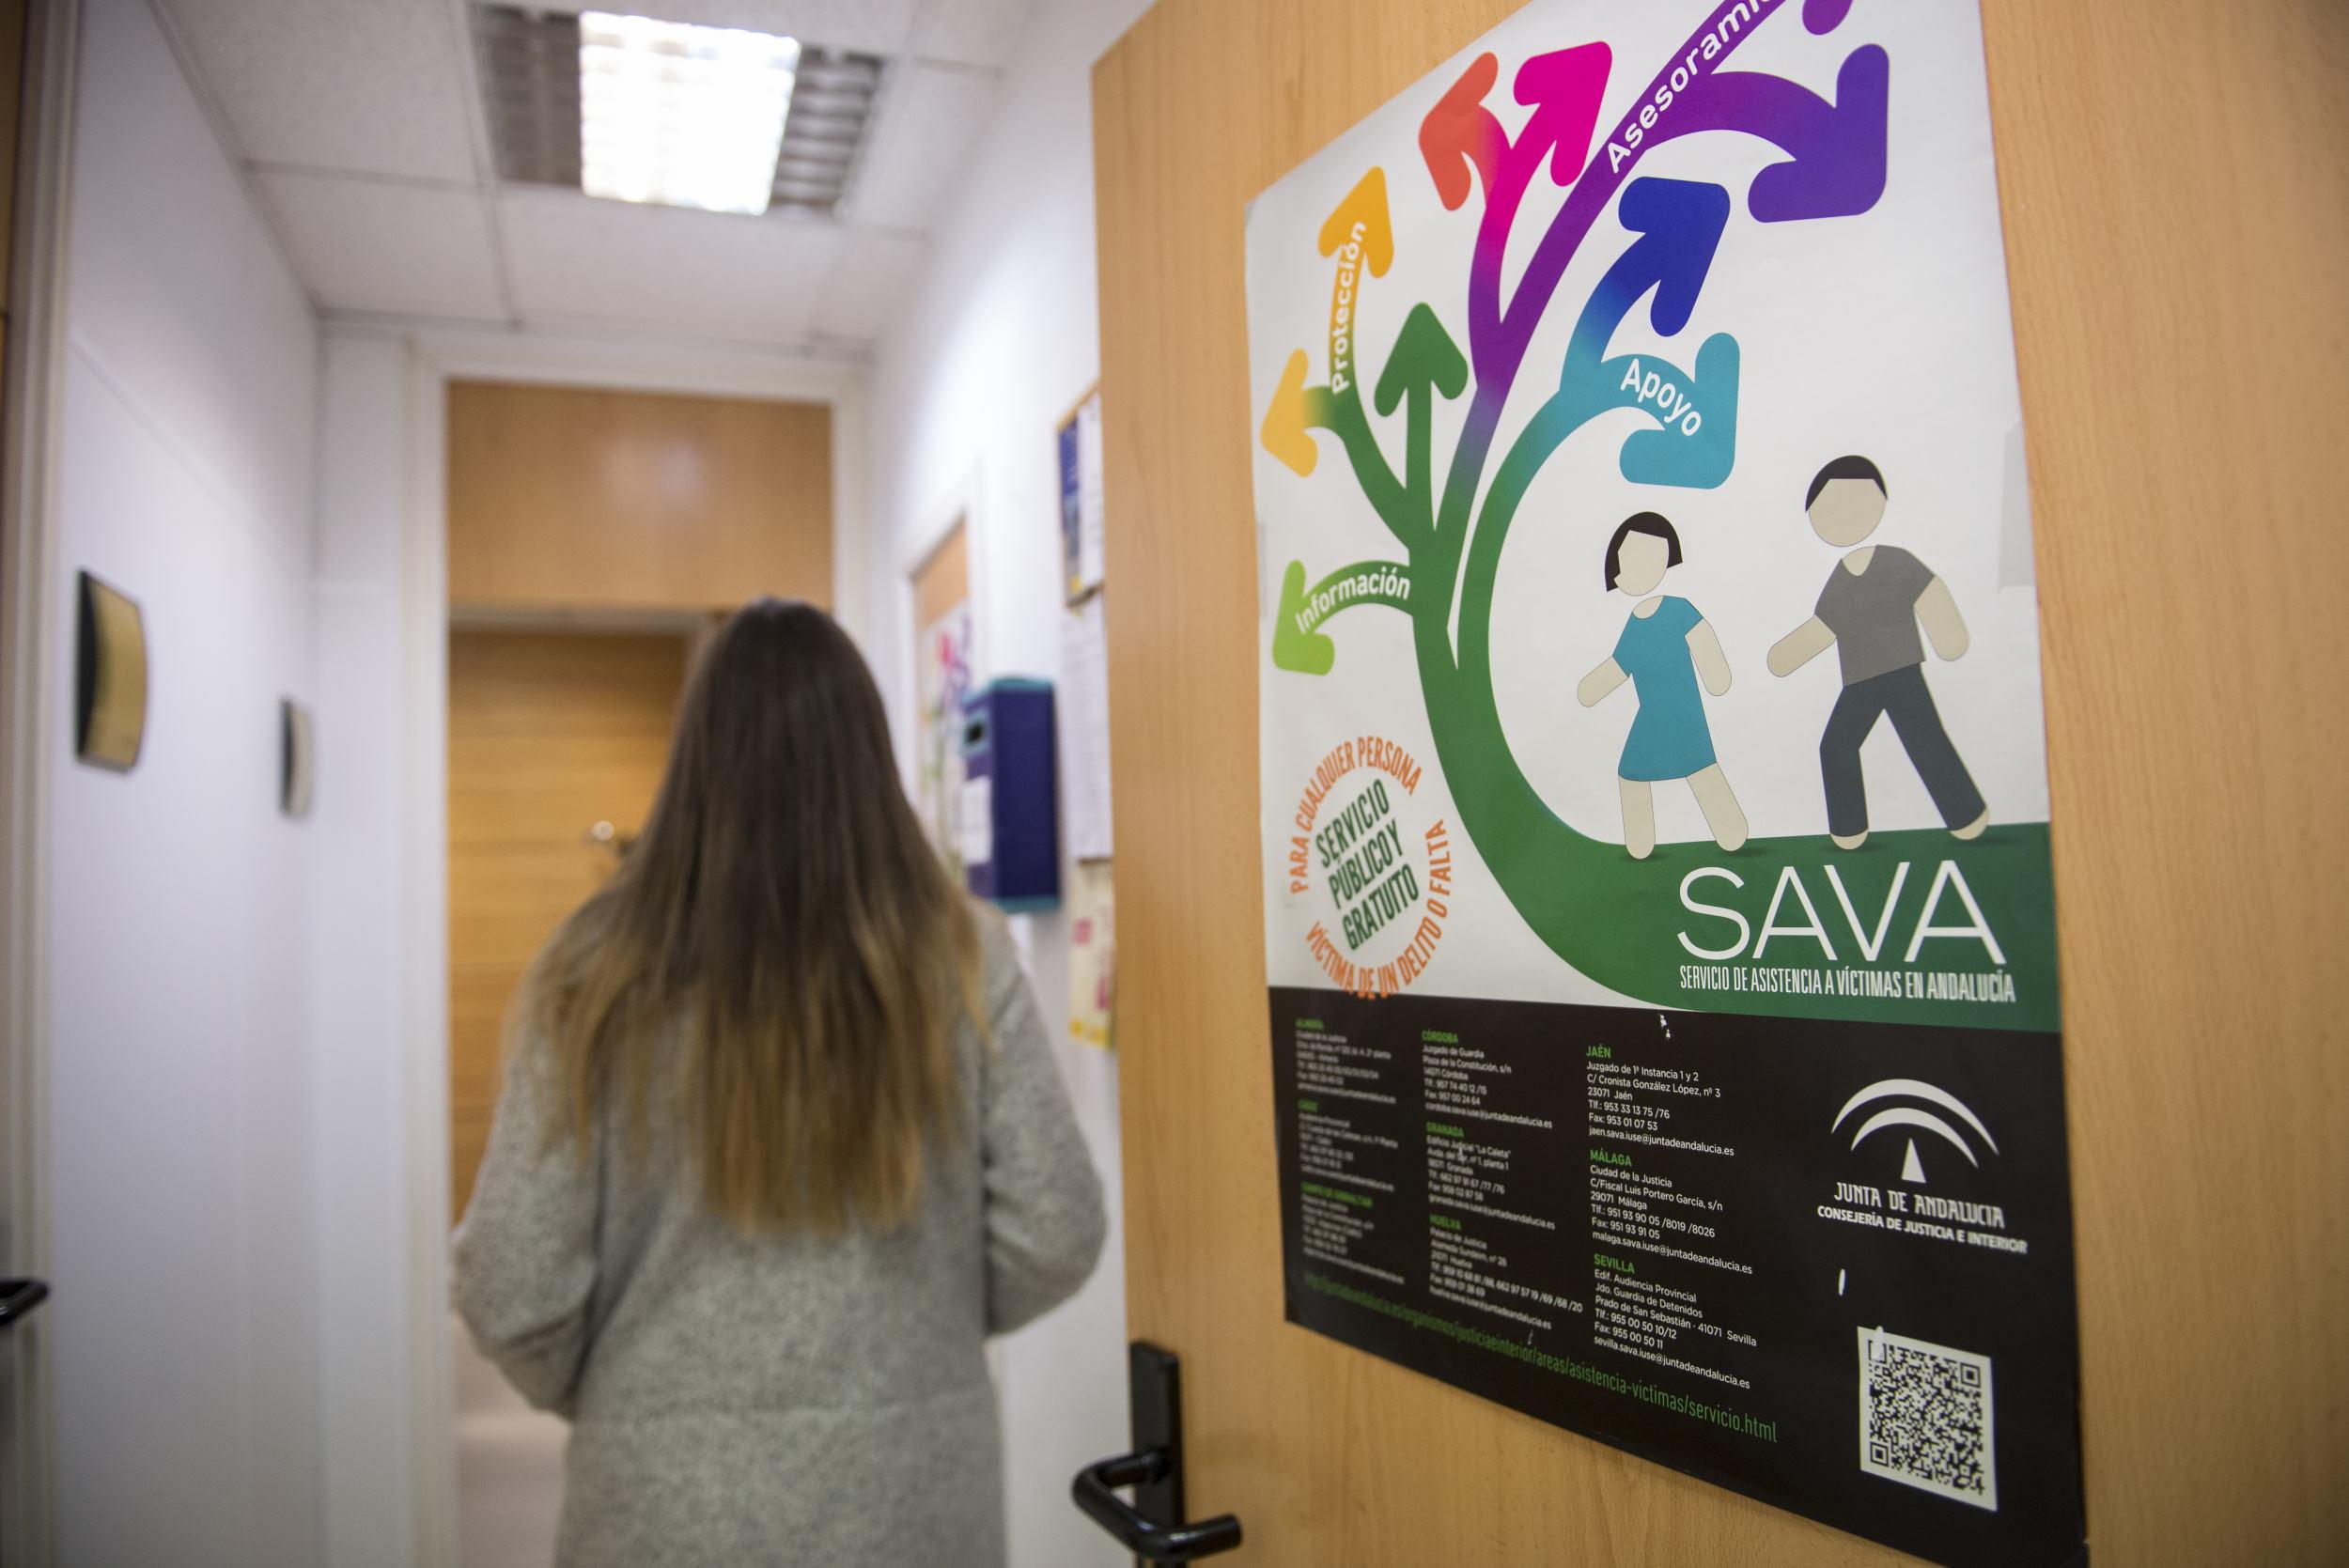 El SAVA realiza casi 4.000 intervenciones en el primer semestre para atender a víctimas de delitos en Granada